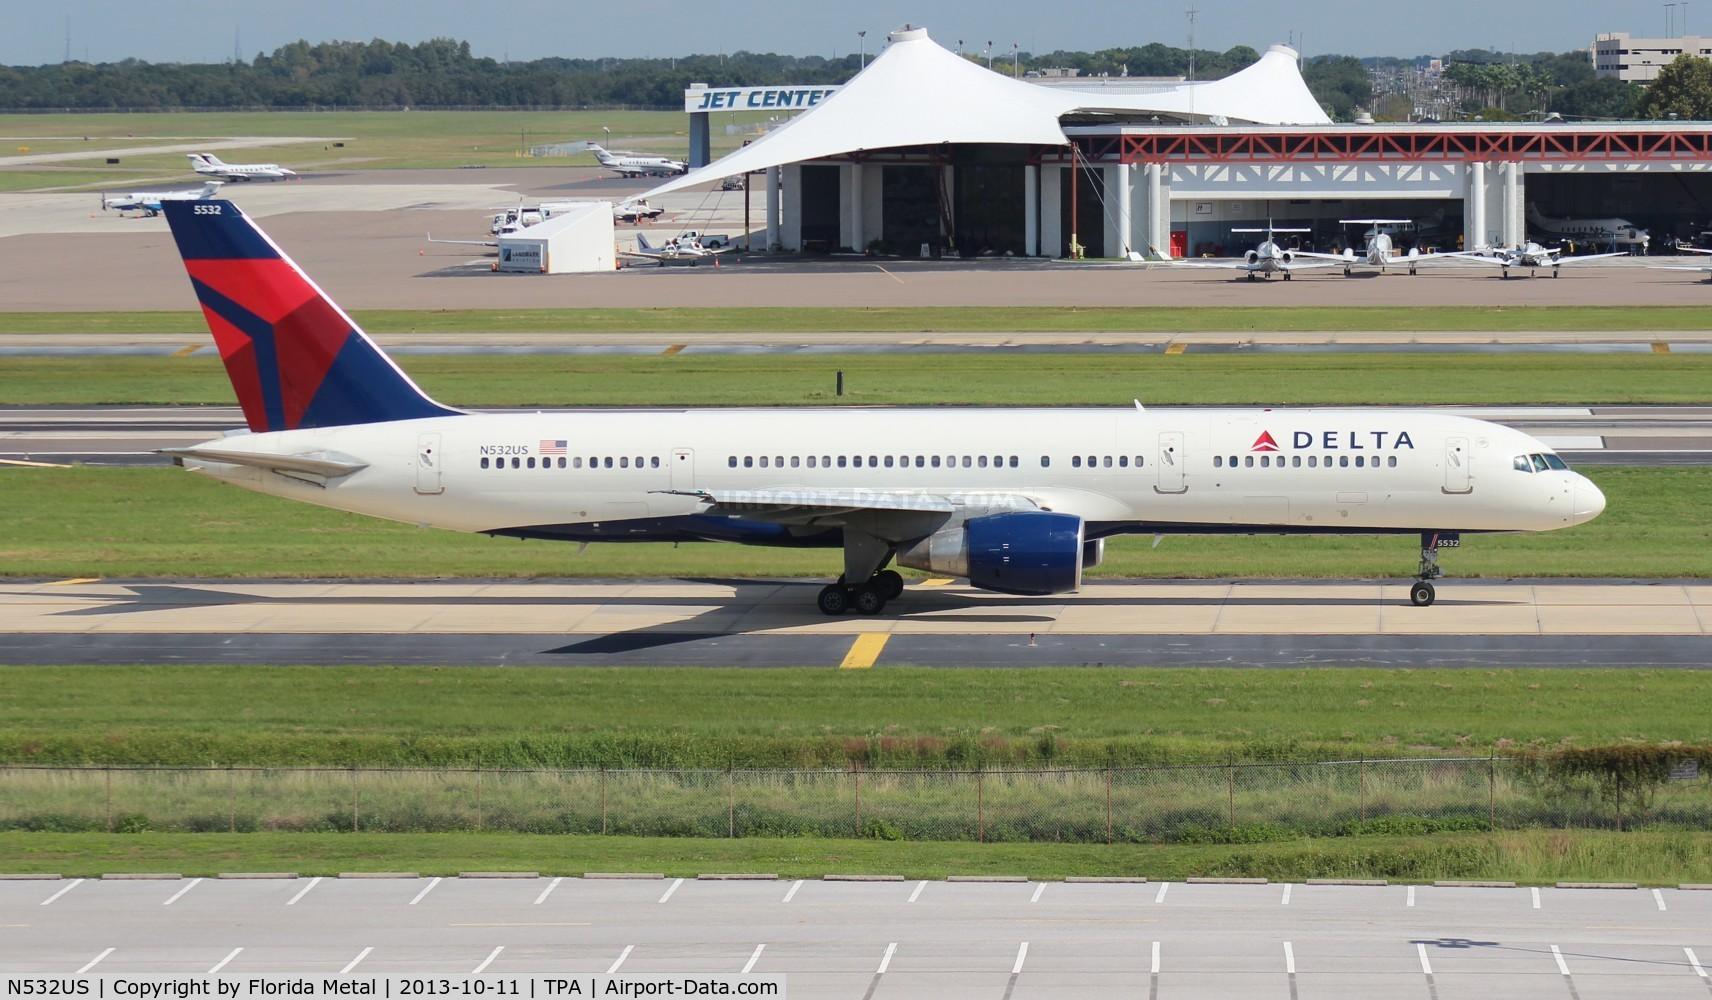 N532US, 1988 Boeing 757-251 C/N 24263, Delta 757-200